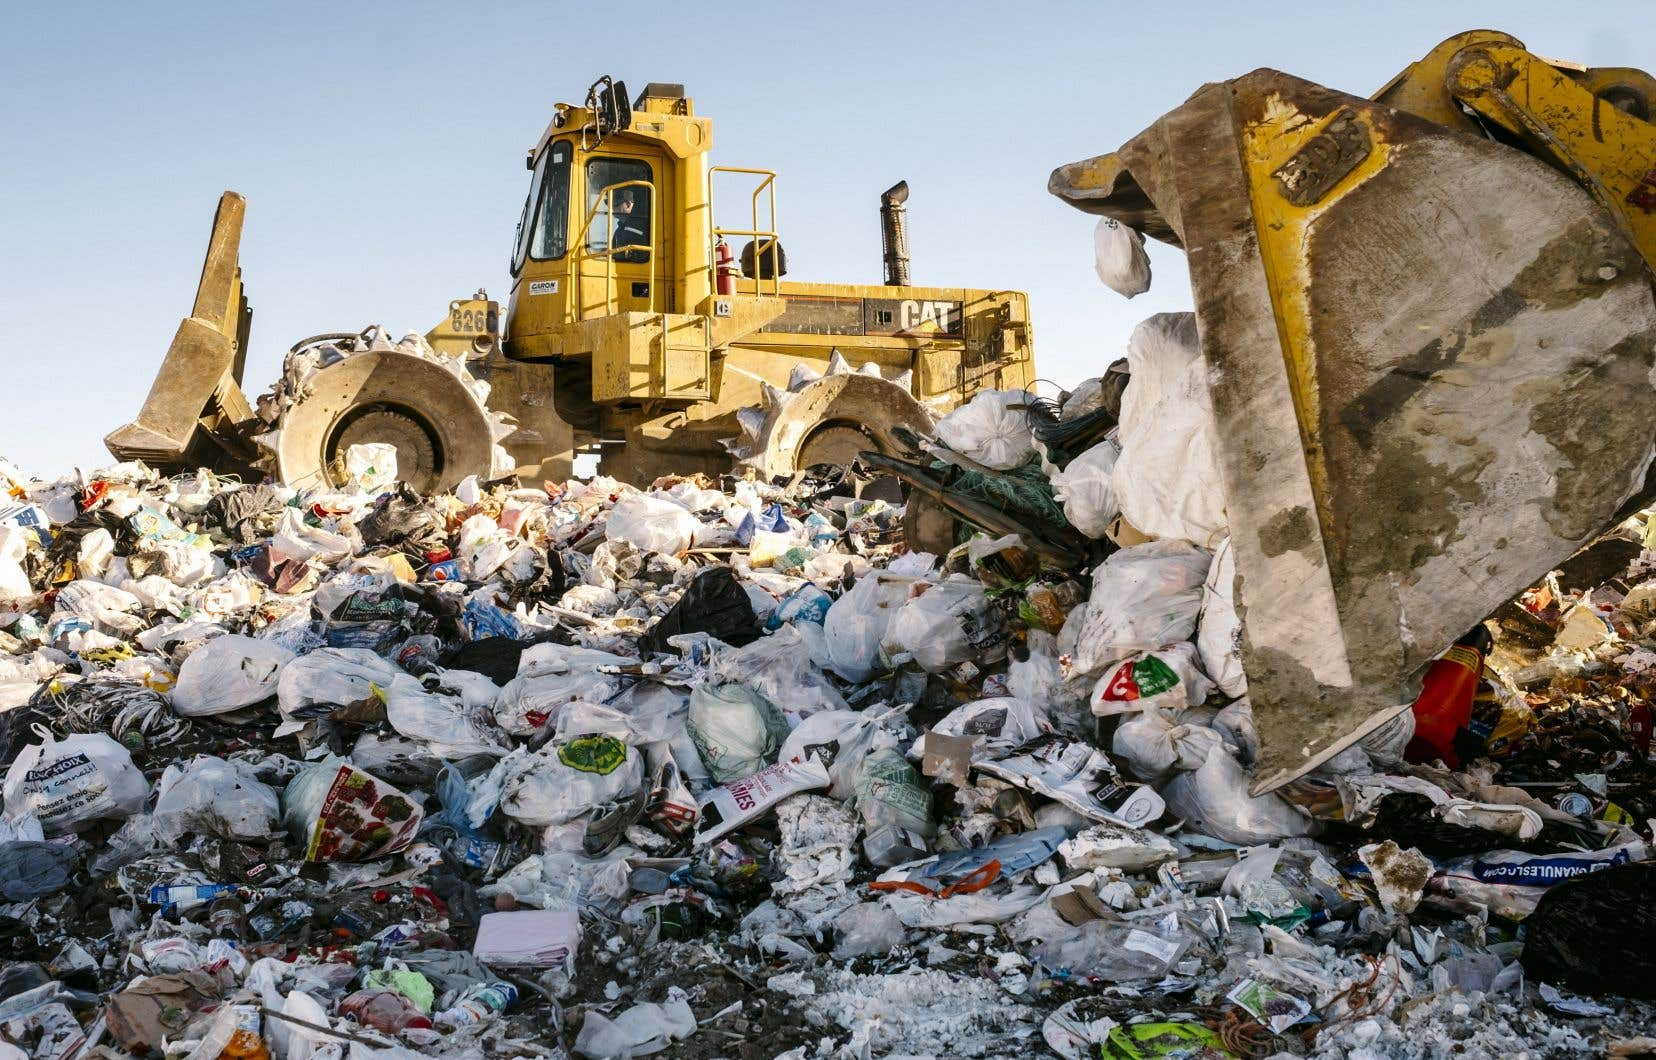 En 2011, le gouvernement avait prévu de réduire à zéro l'enfouissement des matières organiques dès 2020, notamment en se tournant vers le compostage.